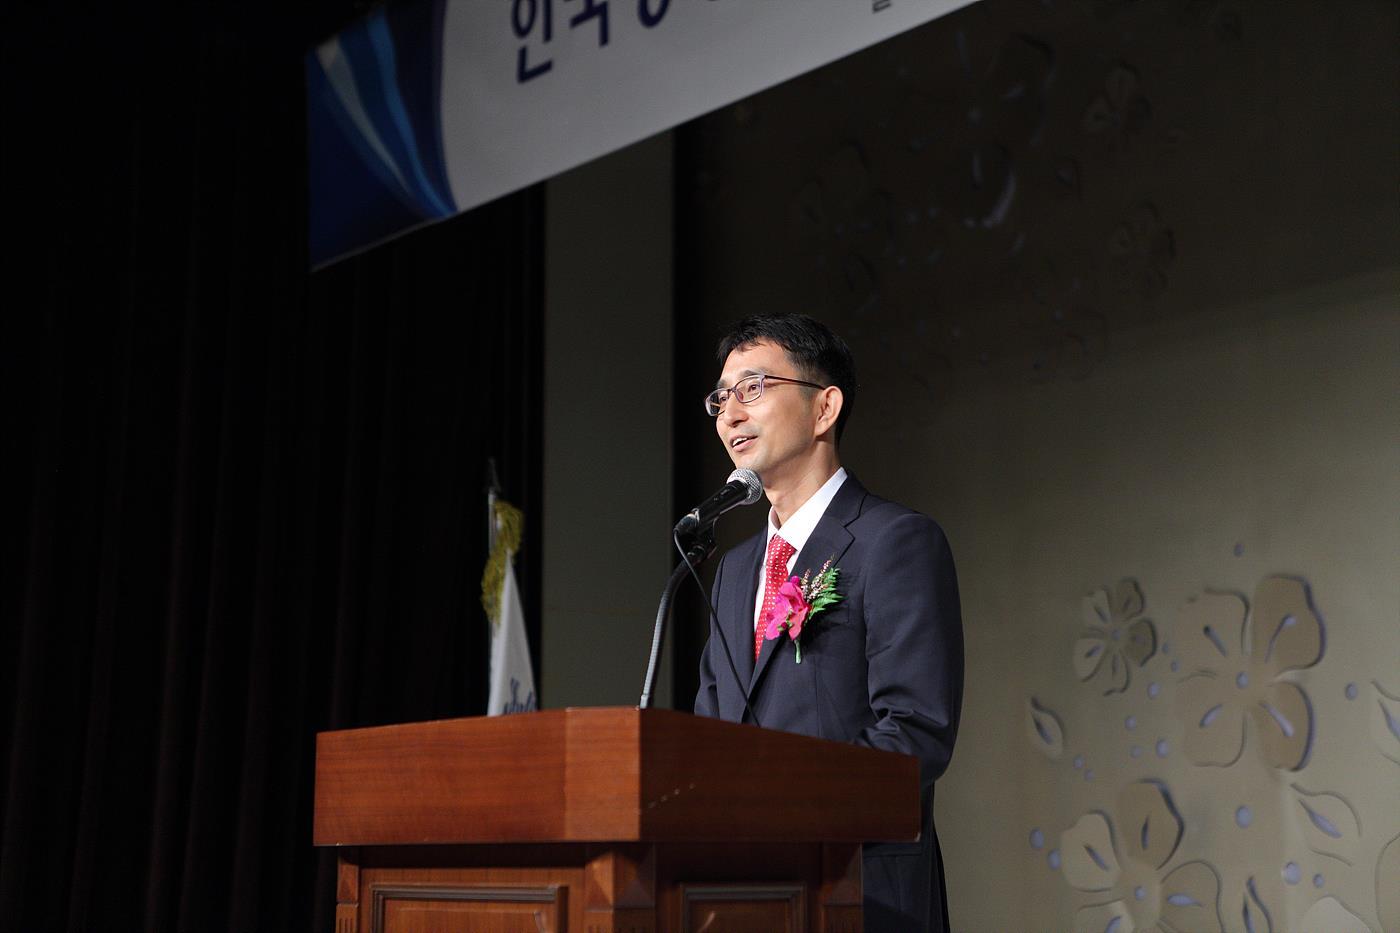 취임사 중인 박종석 제25대 연합회장